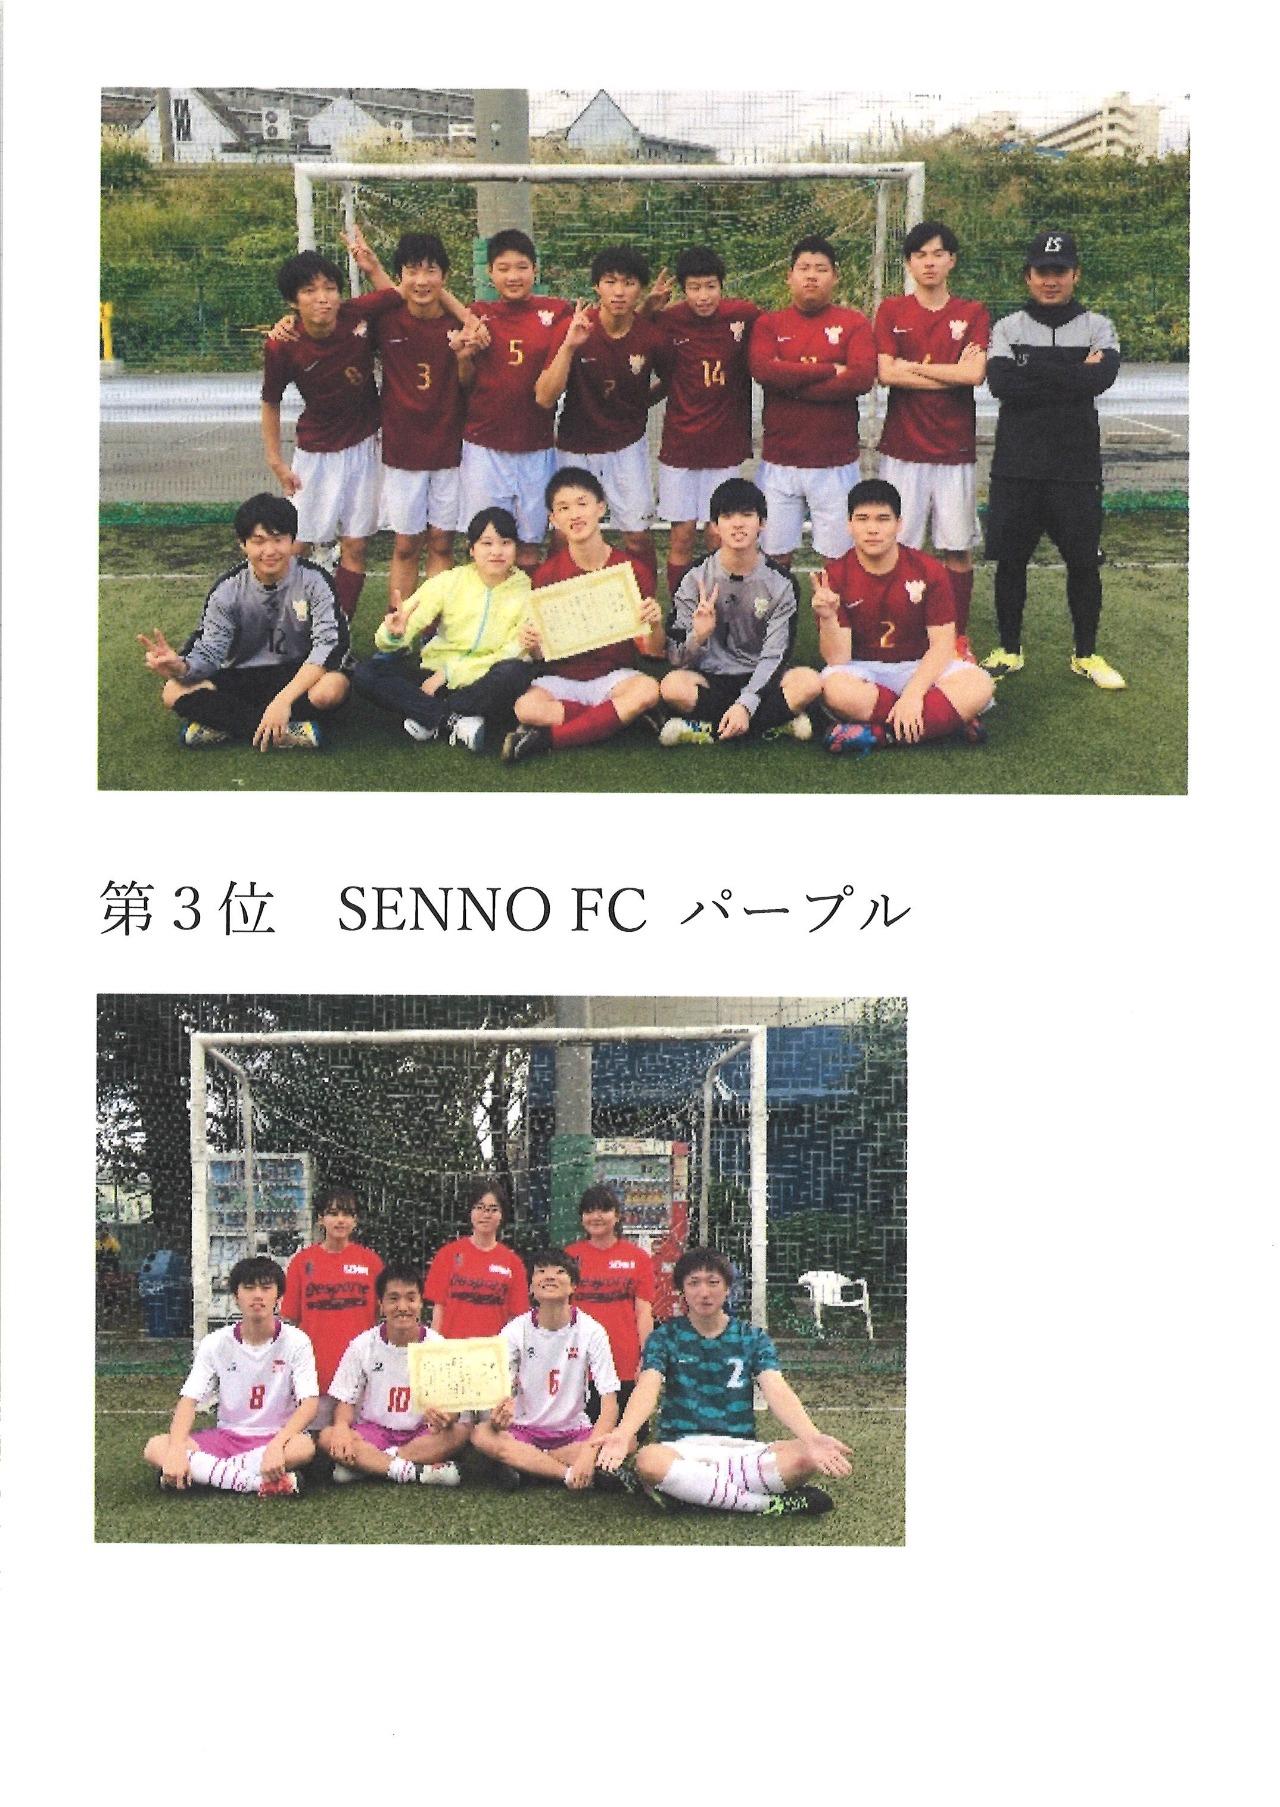 準優勝 futsal club nodasugi (野田鎌田学園杉並高等専修学校)